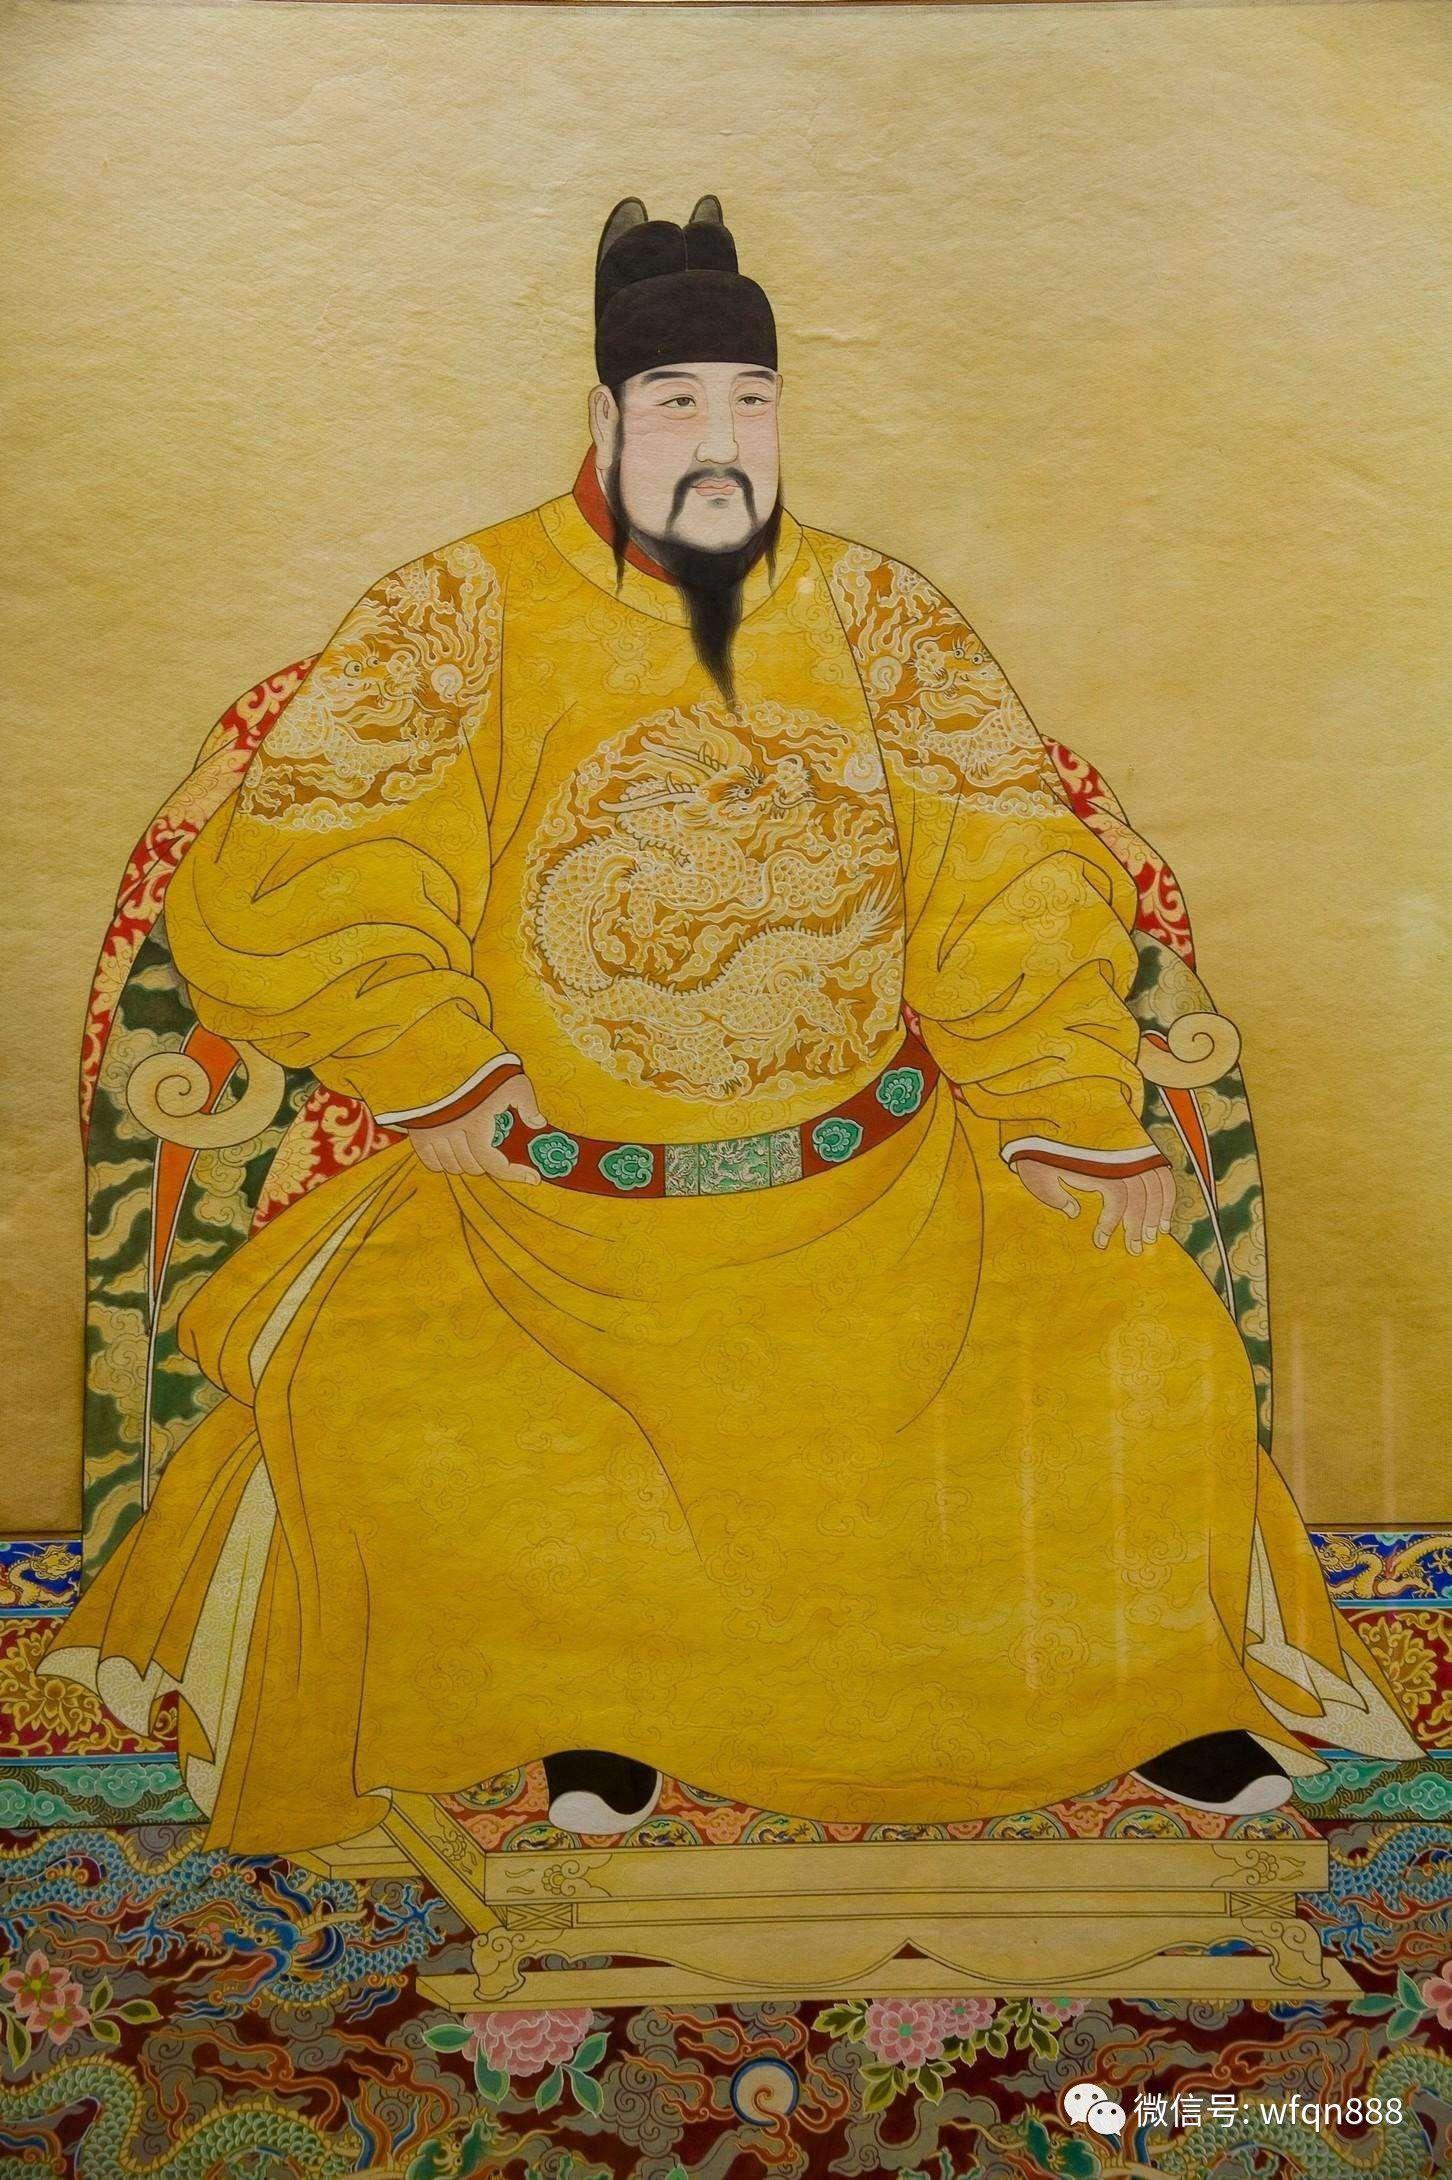 这位皇帝20多年不上朝,一生害死3个皇后,为何还被称作明君